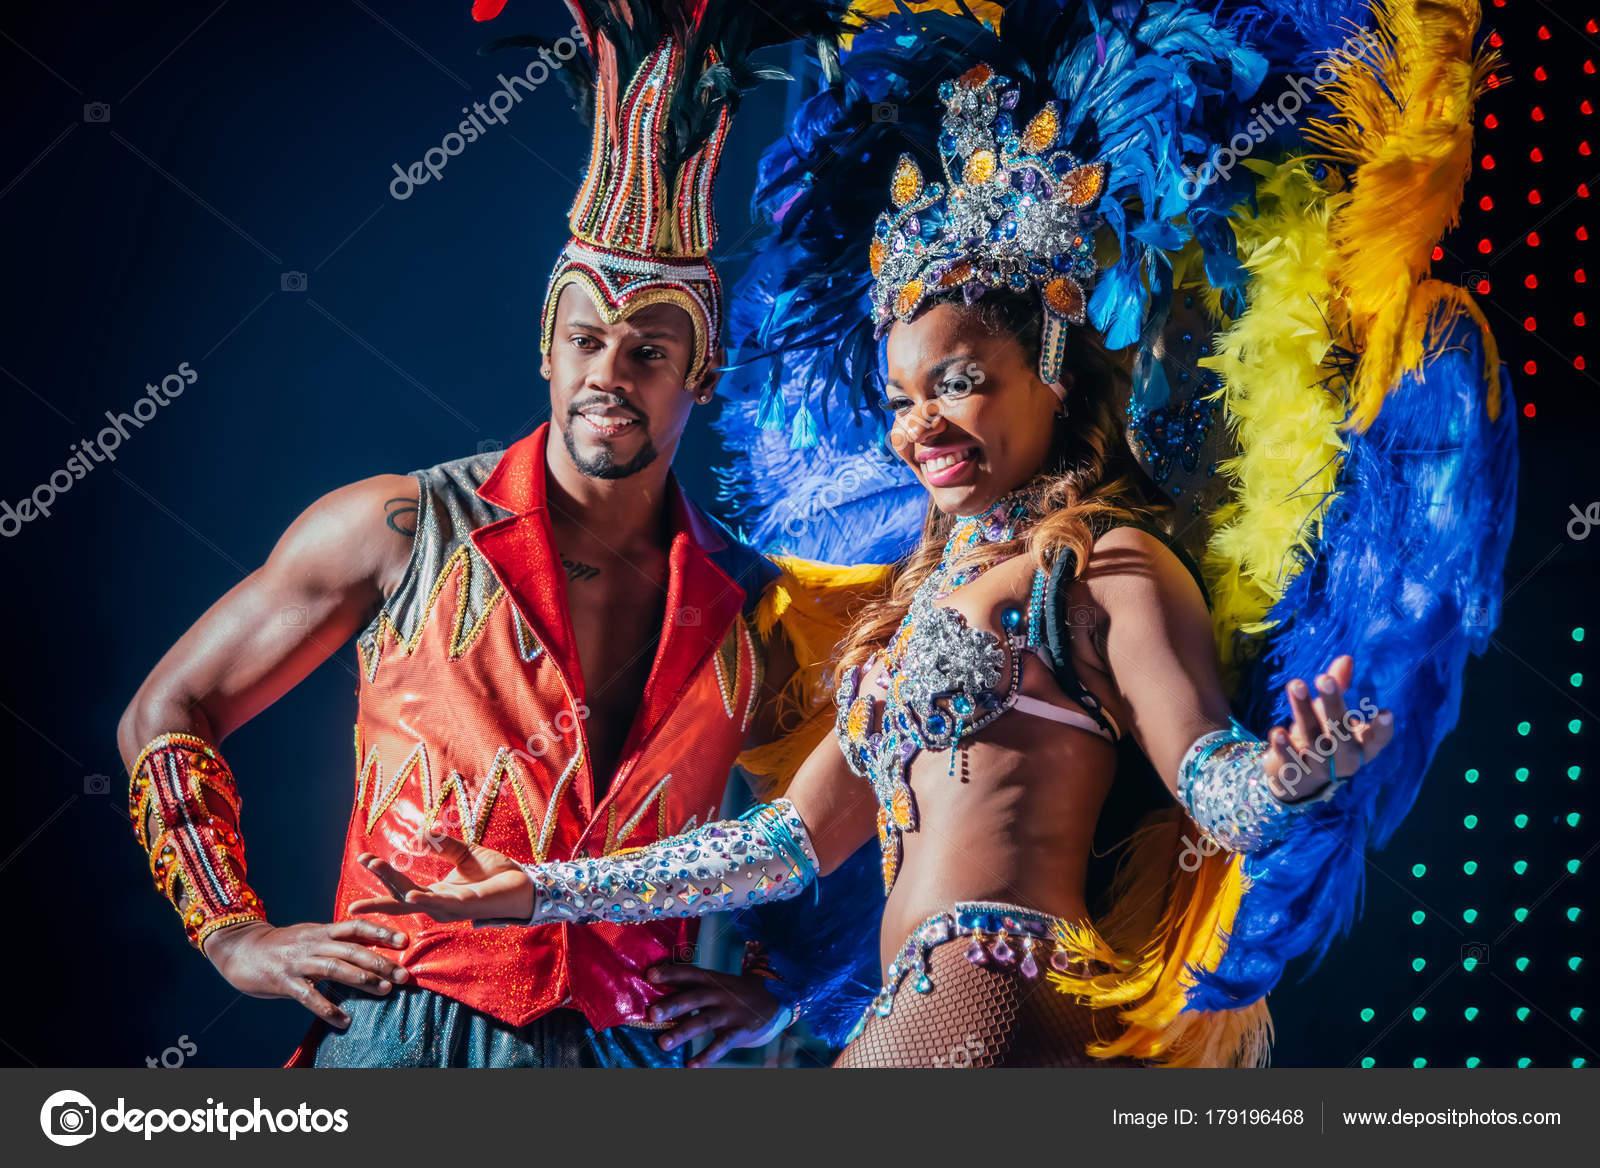 ff01a177db Mosca, Russia-gennaio 2017: Spettacolo di Carnevale brasiliano. Bella  ragazza e ragazzo brillante colorato carnevale costume sul palco.  Afro-americani donna ...